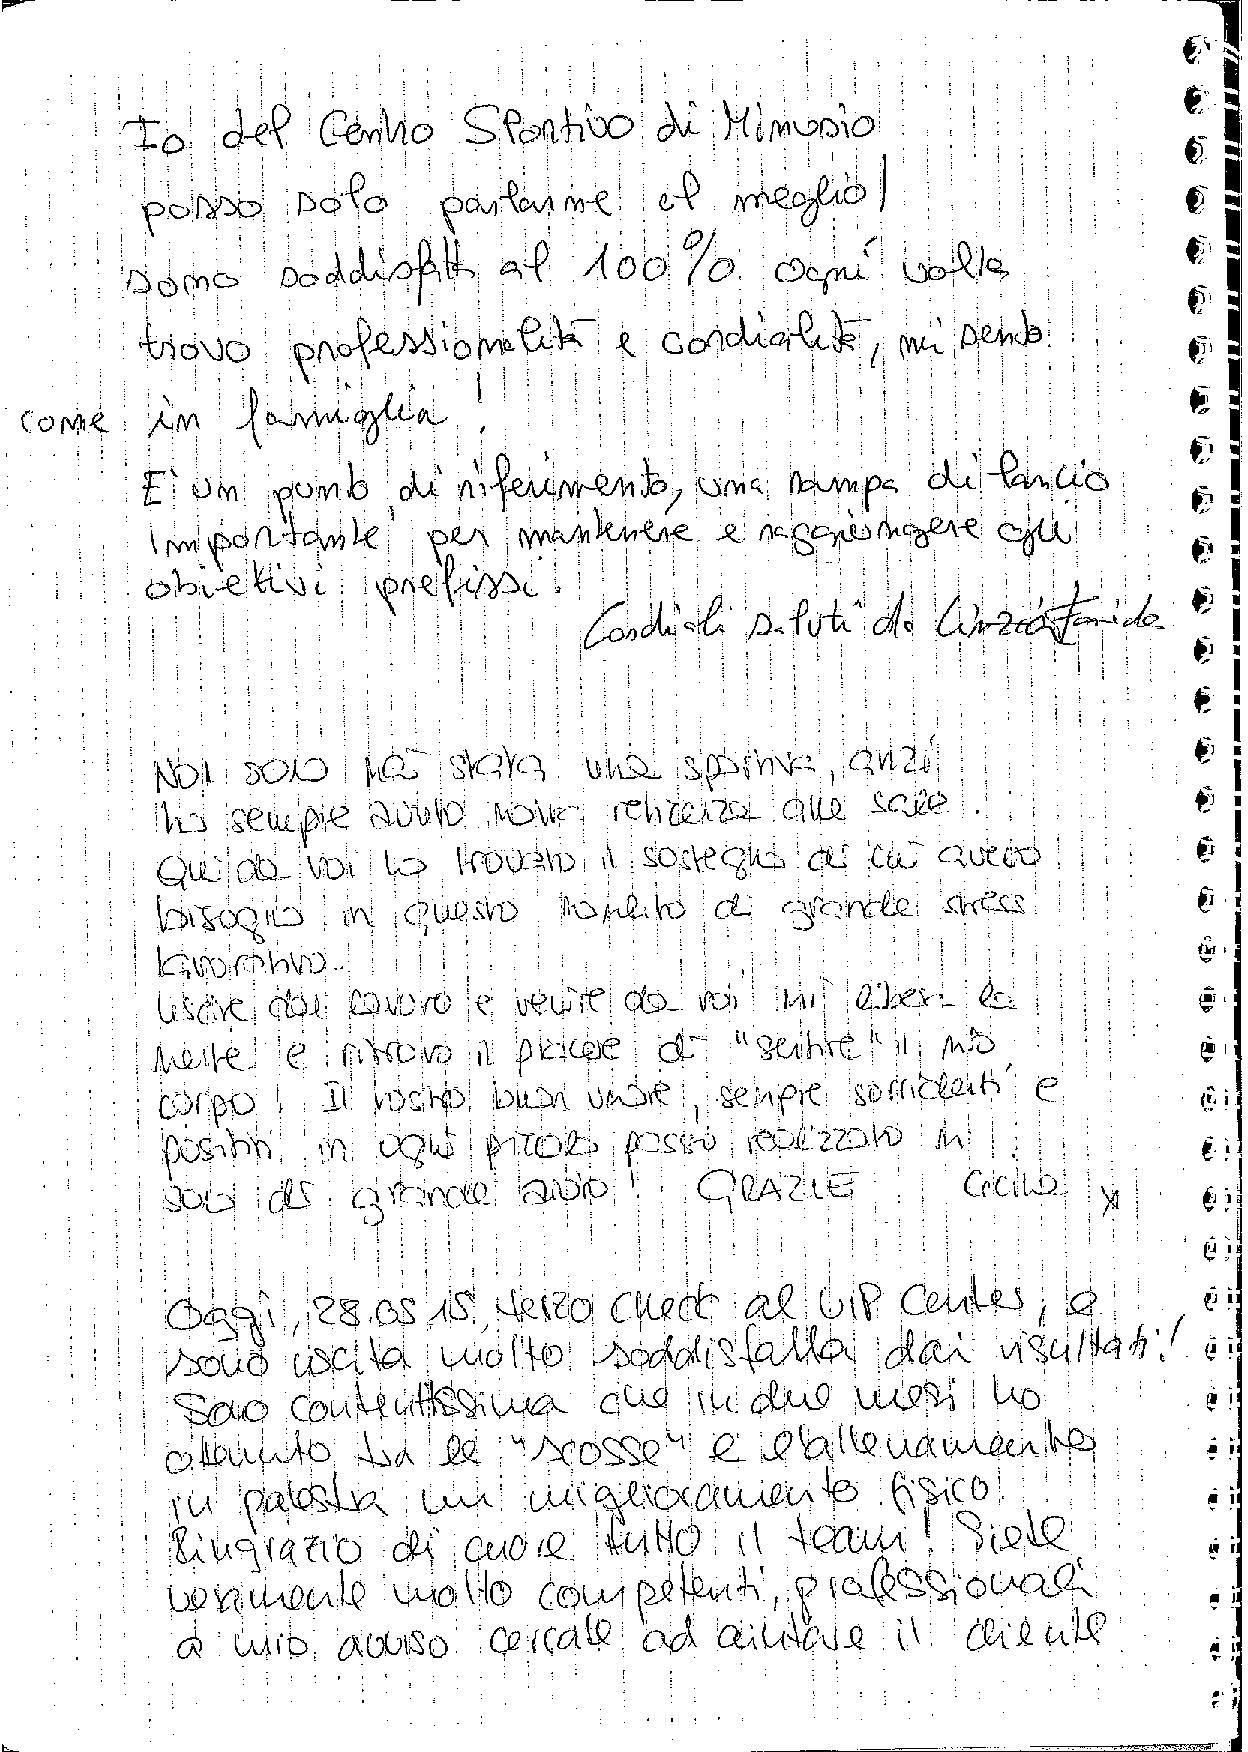 testimonianza-7